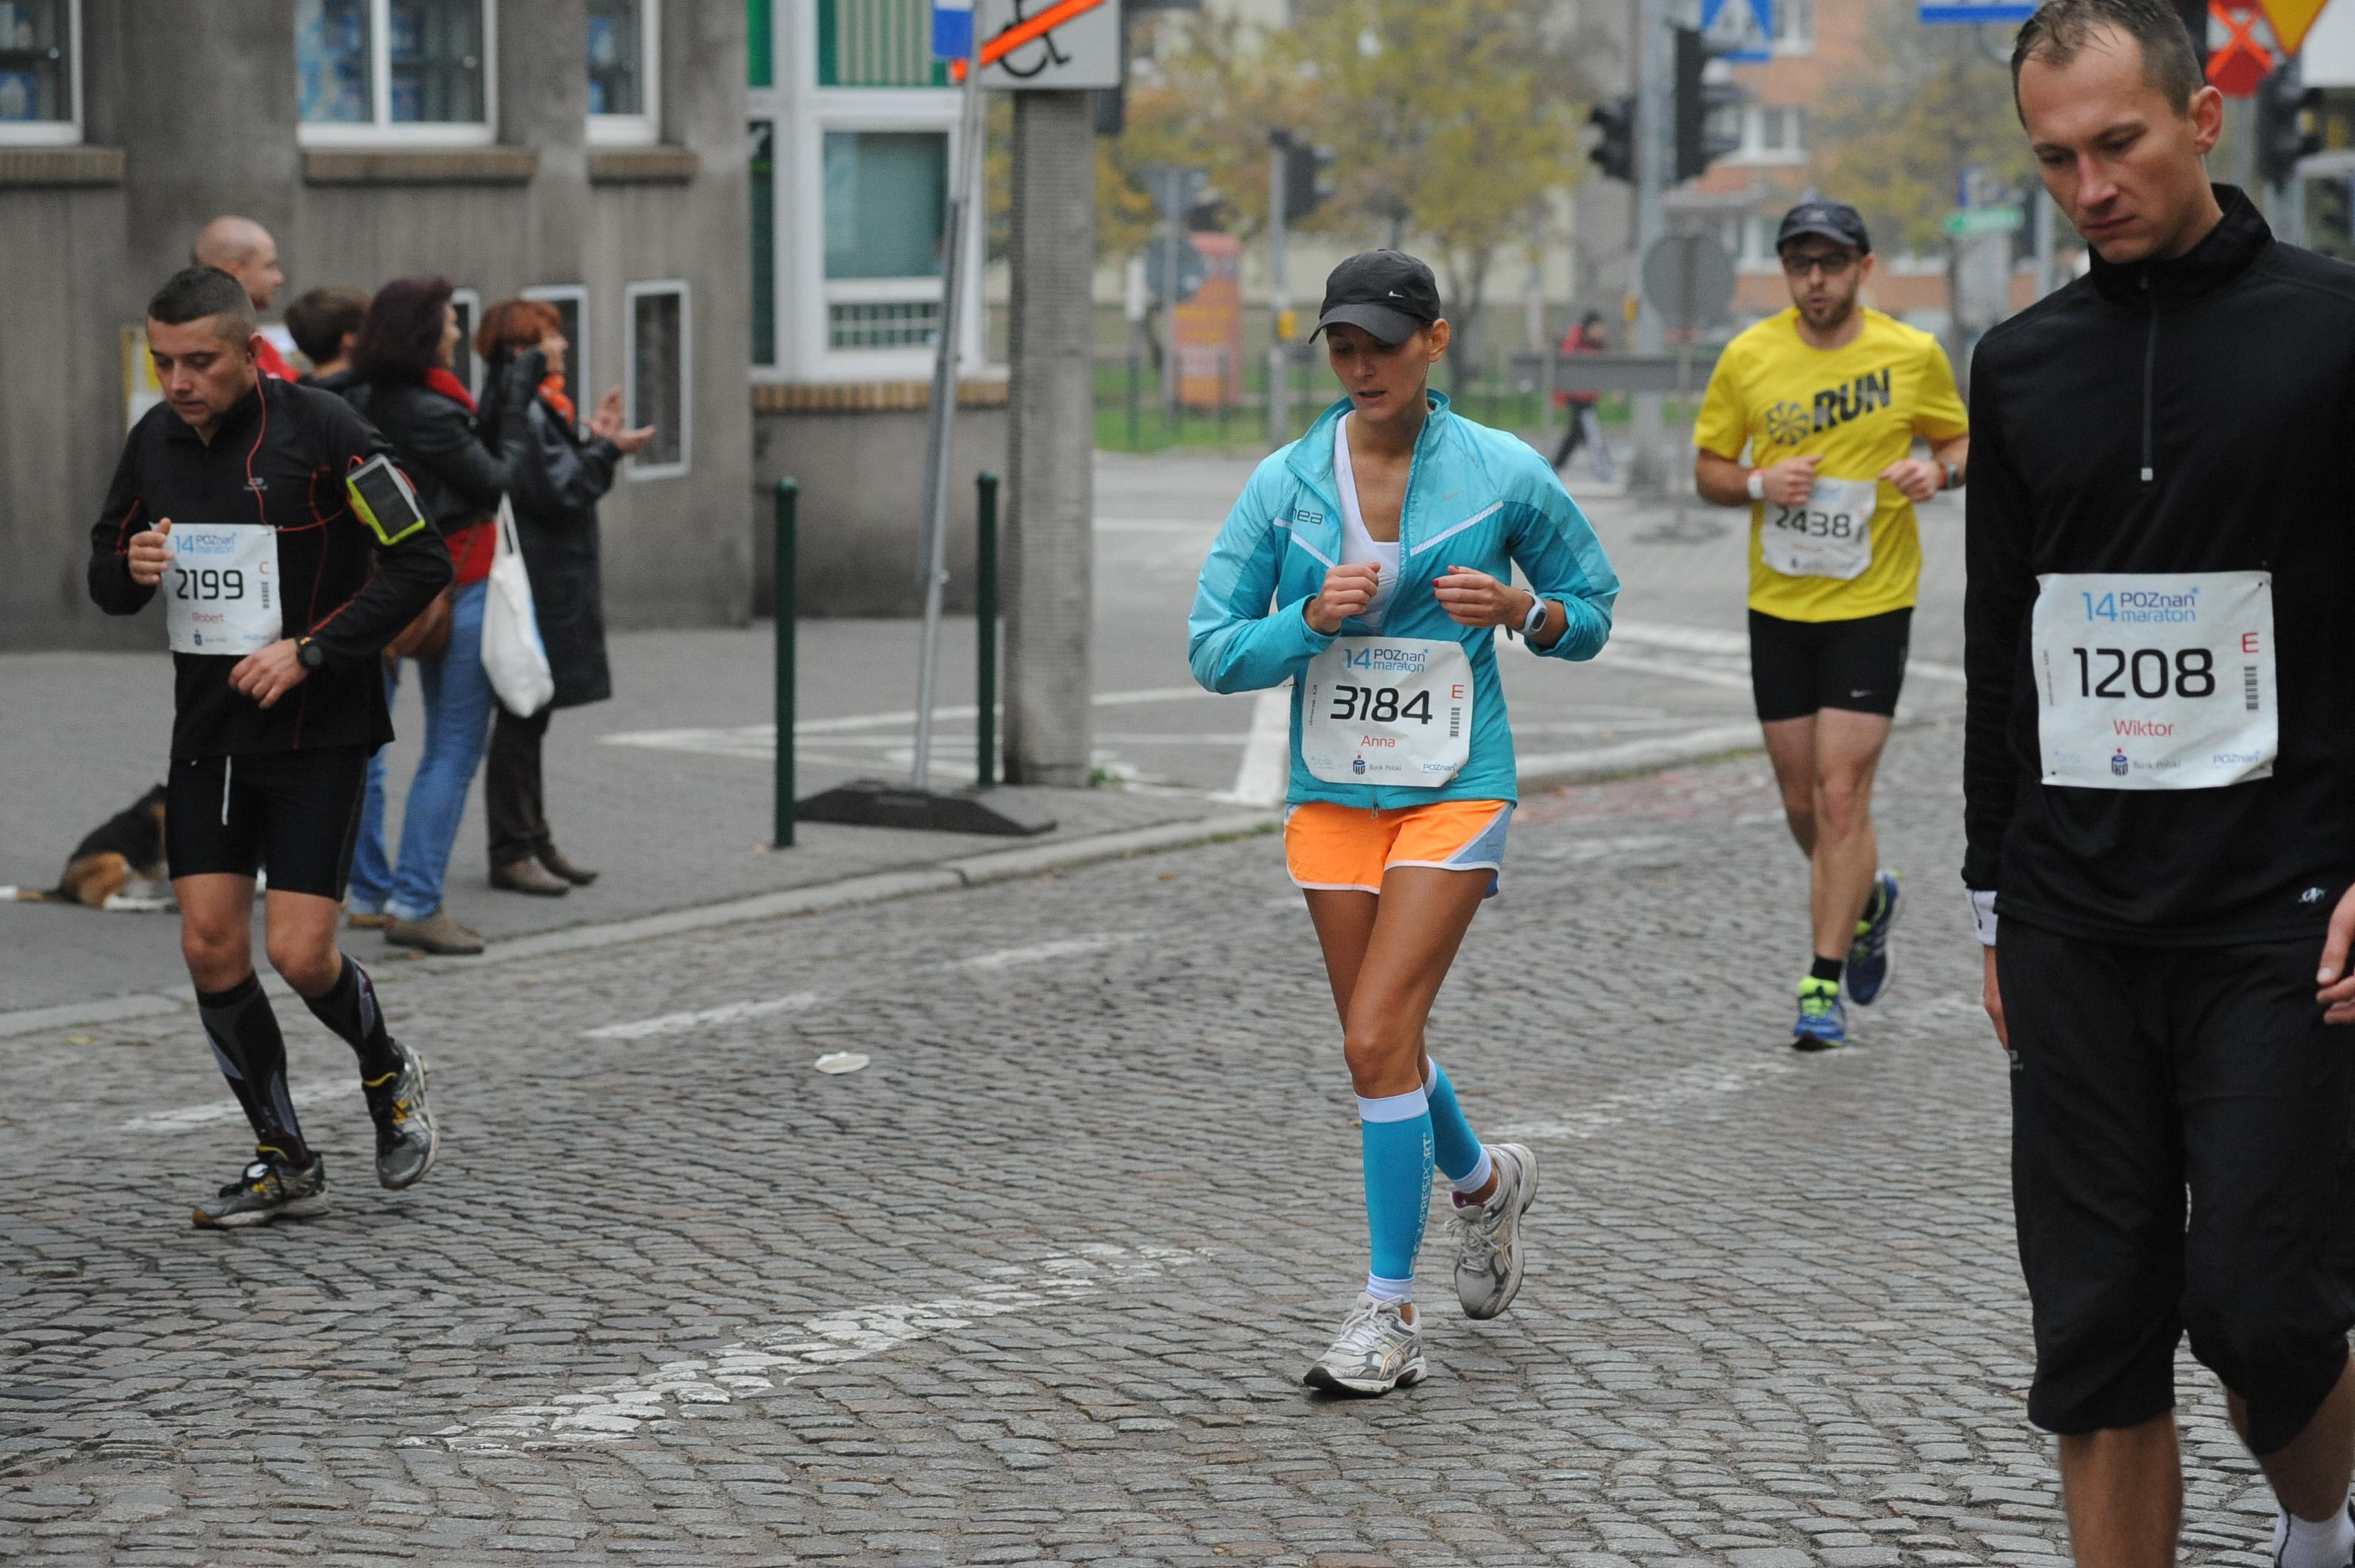 Poznan-maraton-2013-zalamka.jpg